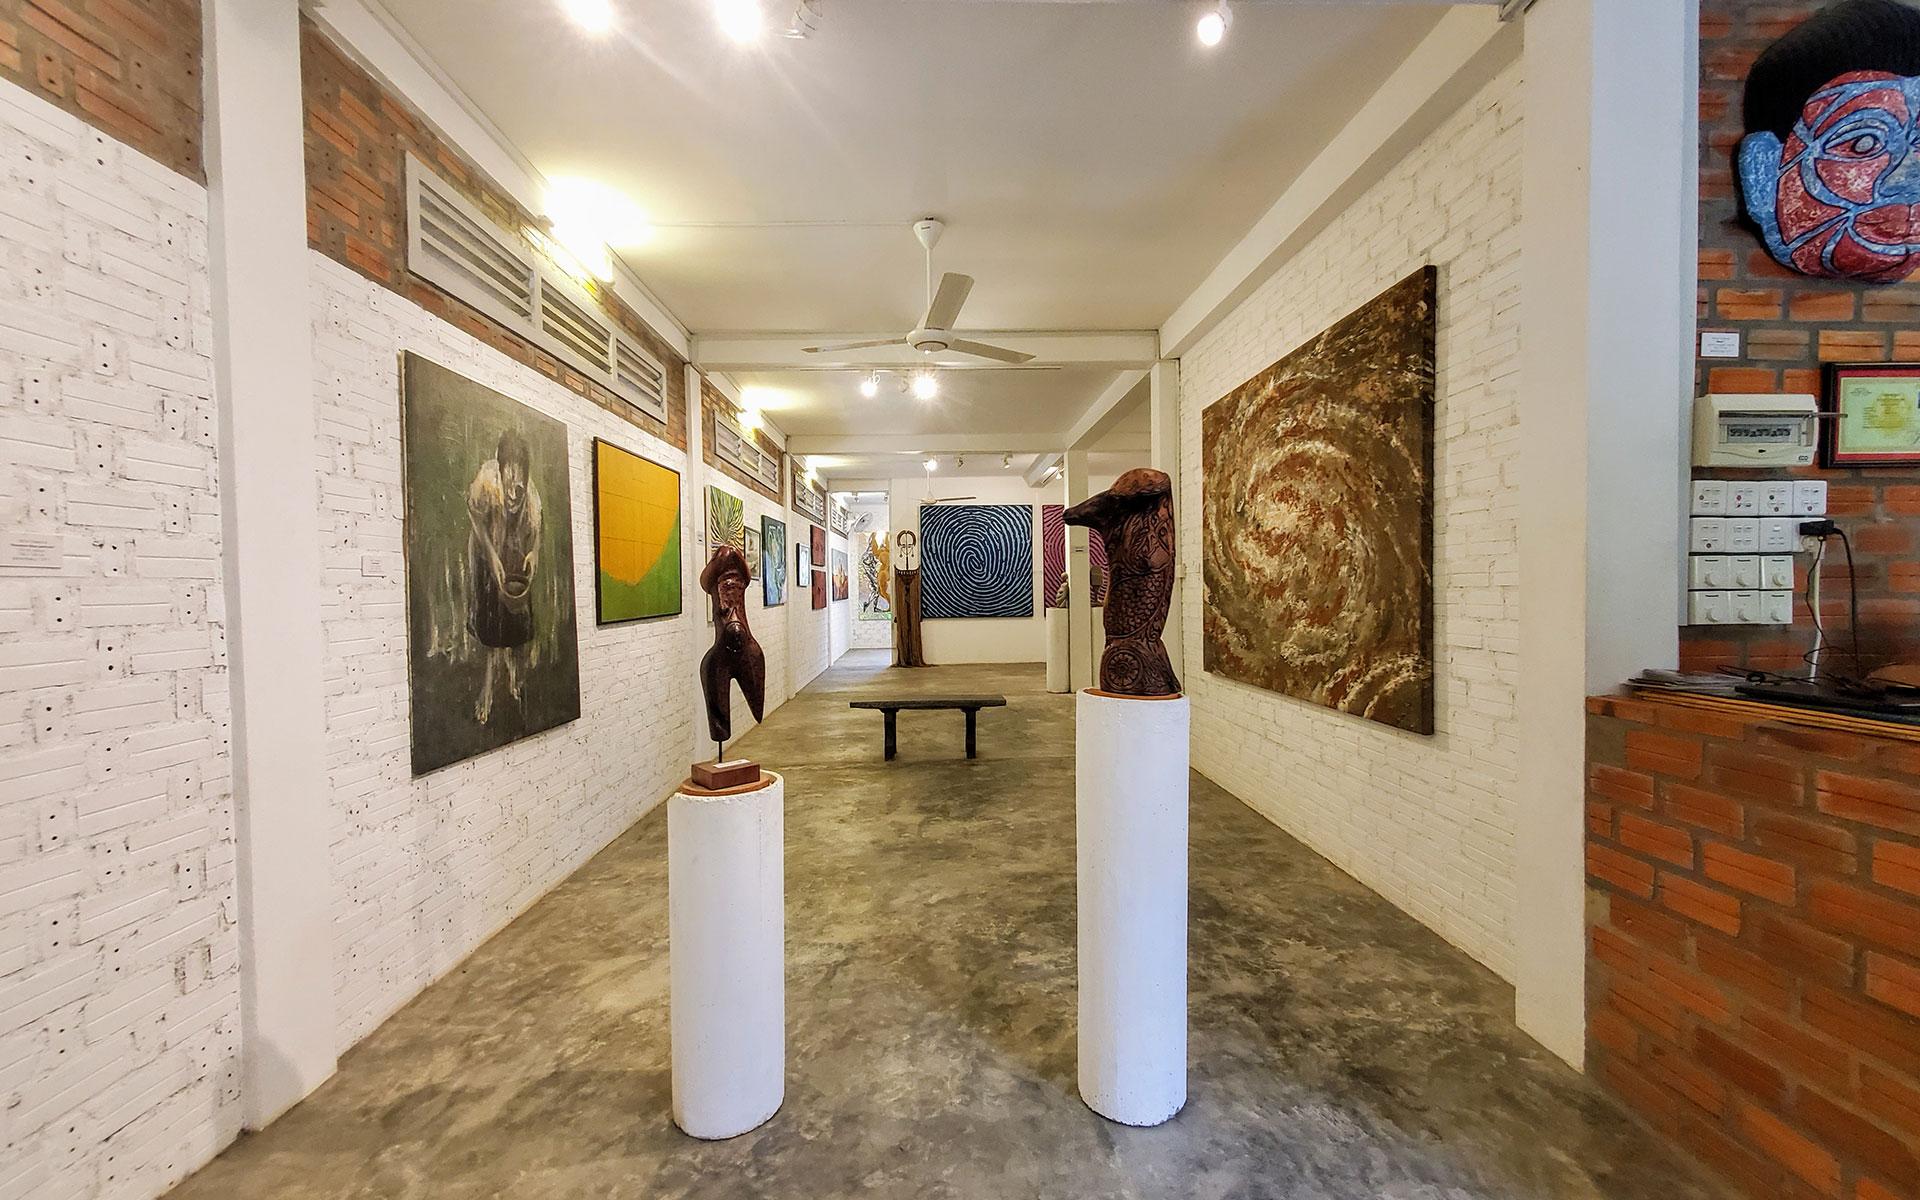 Romcheik 5 Artspace